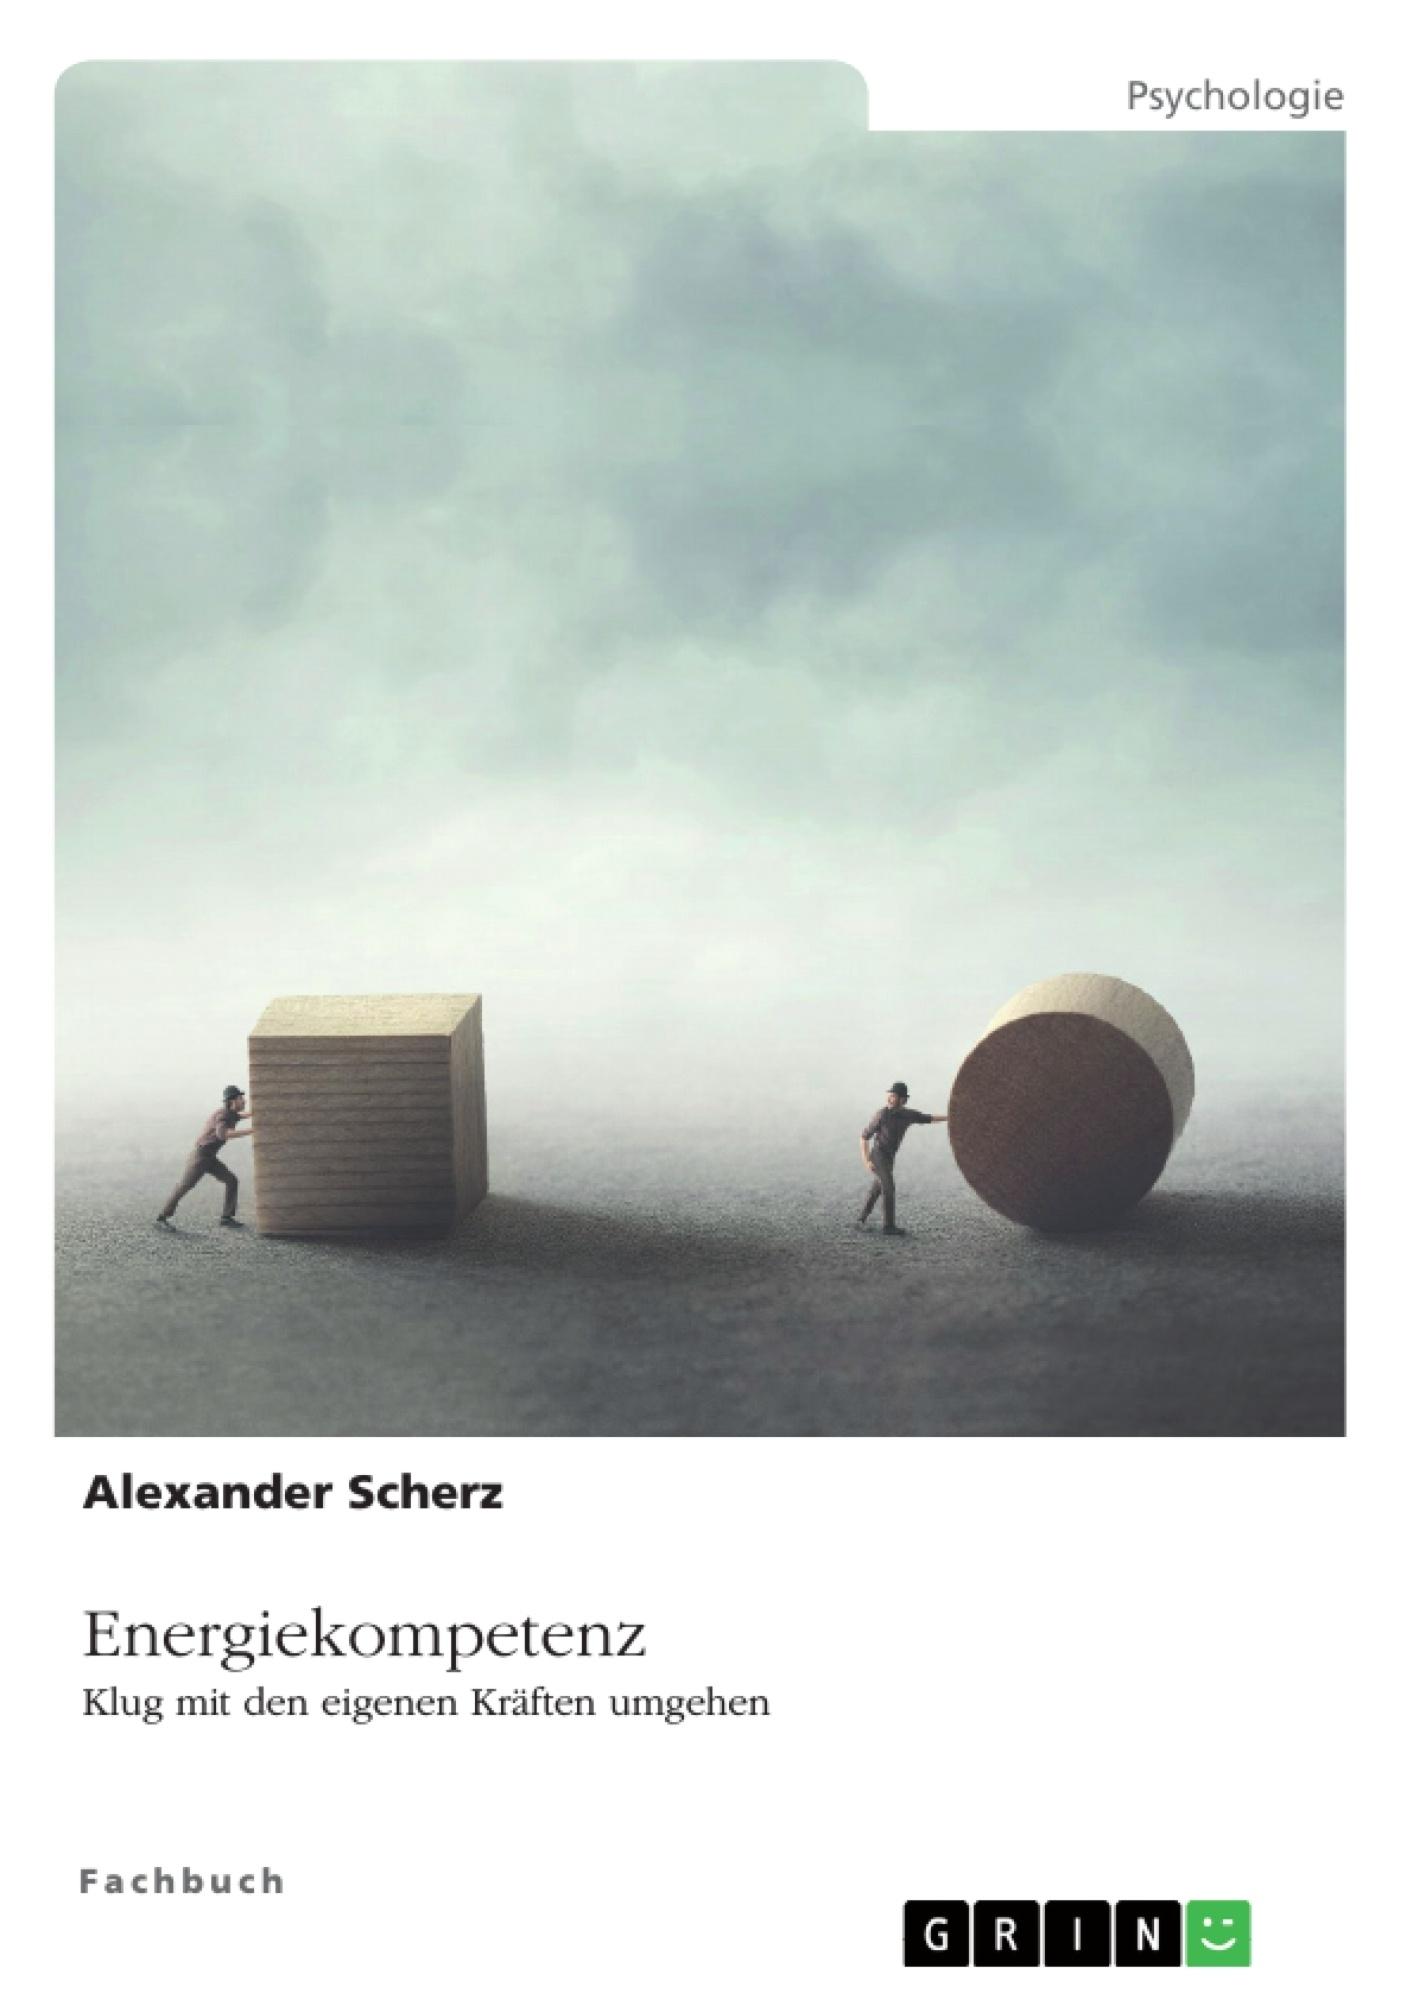 Titel: Energiekompetenz. Klug mit den eigenen Kräften umgehen